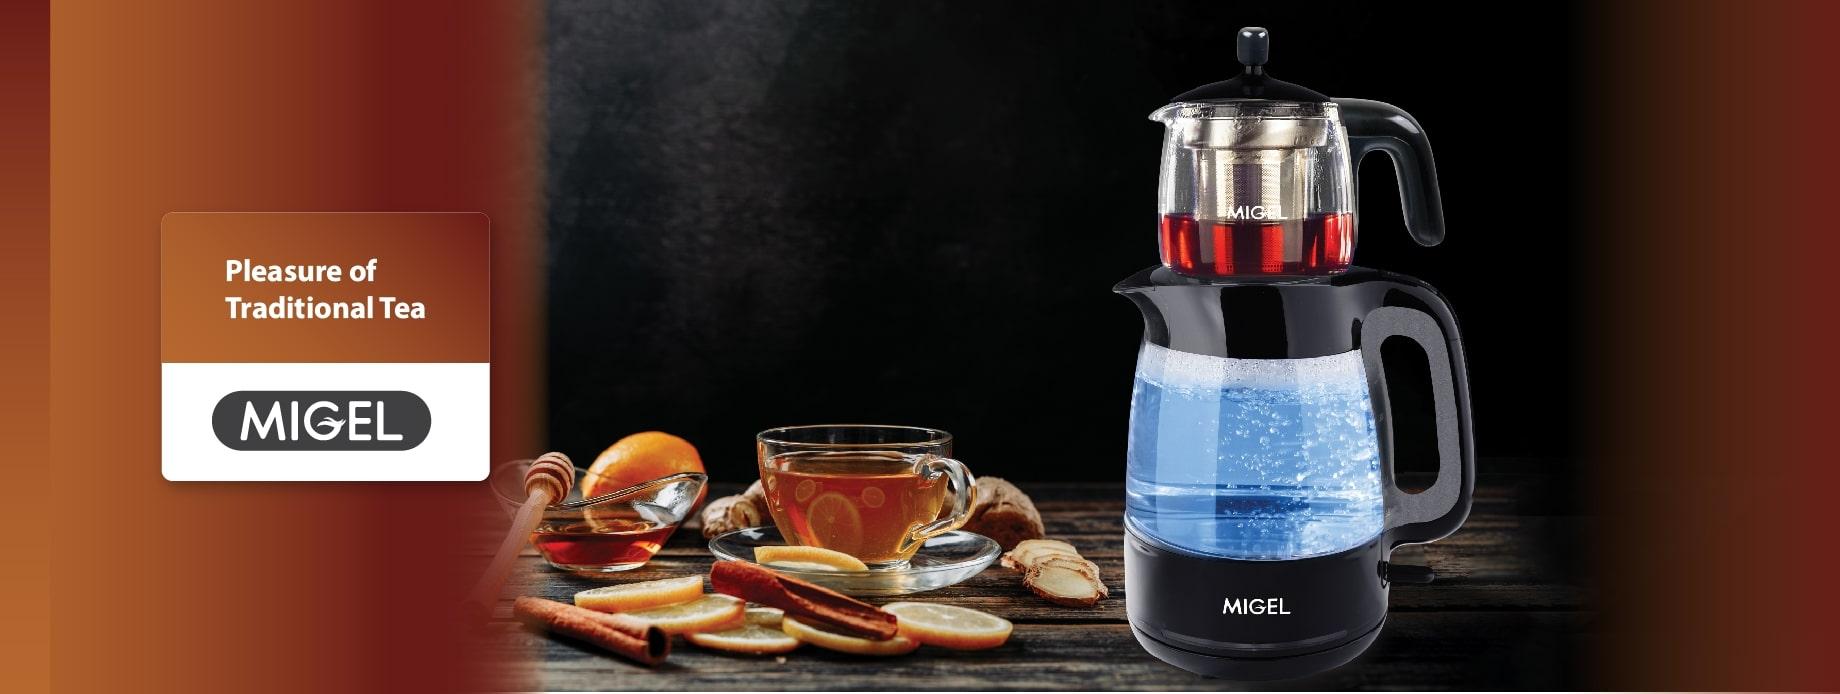 چایساز میگل